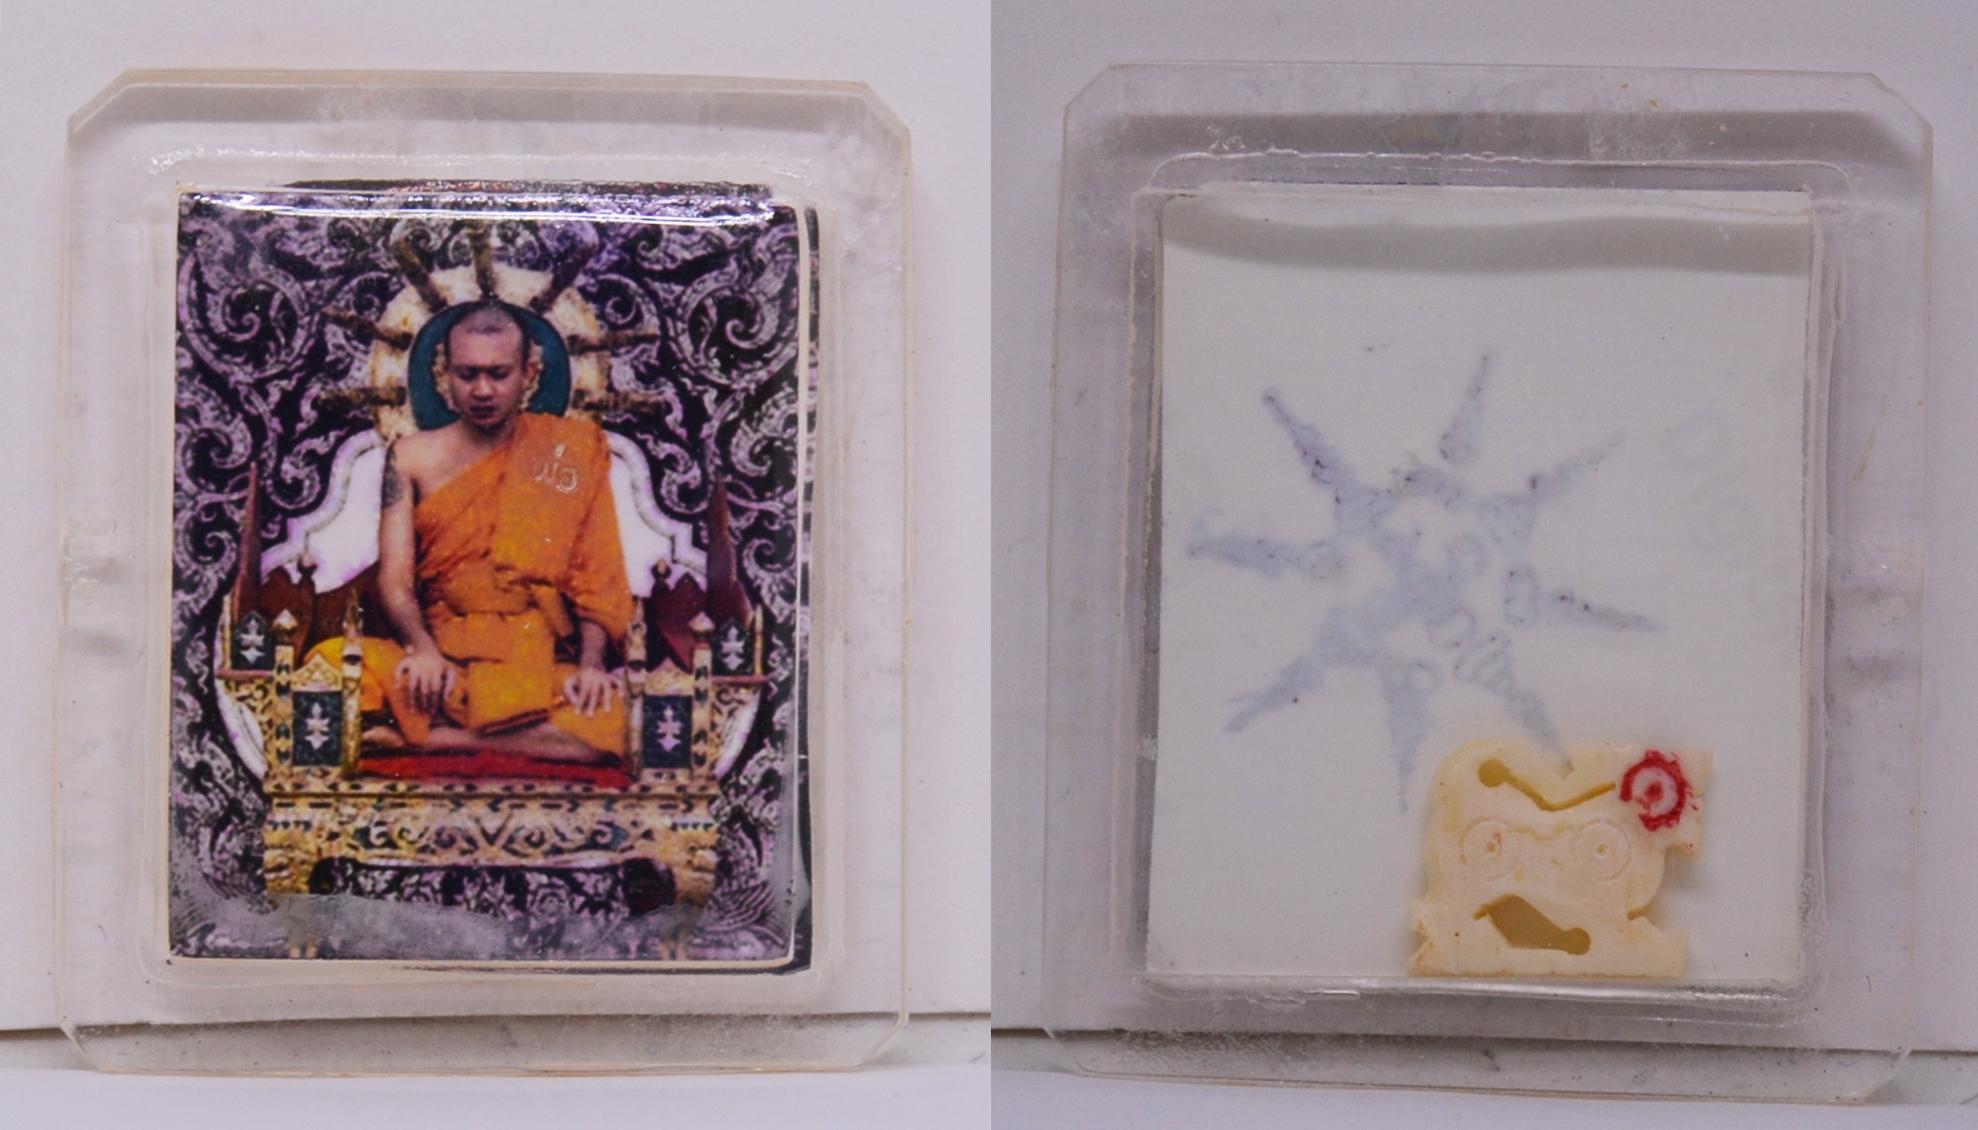 รูปหลังสิงห์ หลวงพ่อชำนาญ วัดบางกุฎีทอง ปทุมธานี 2552